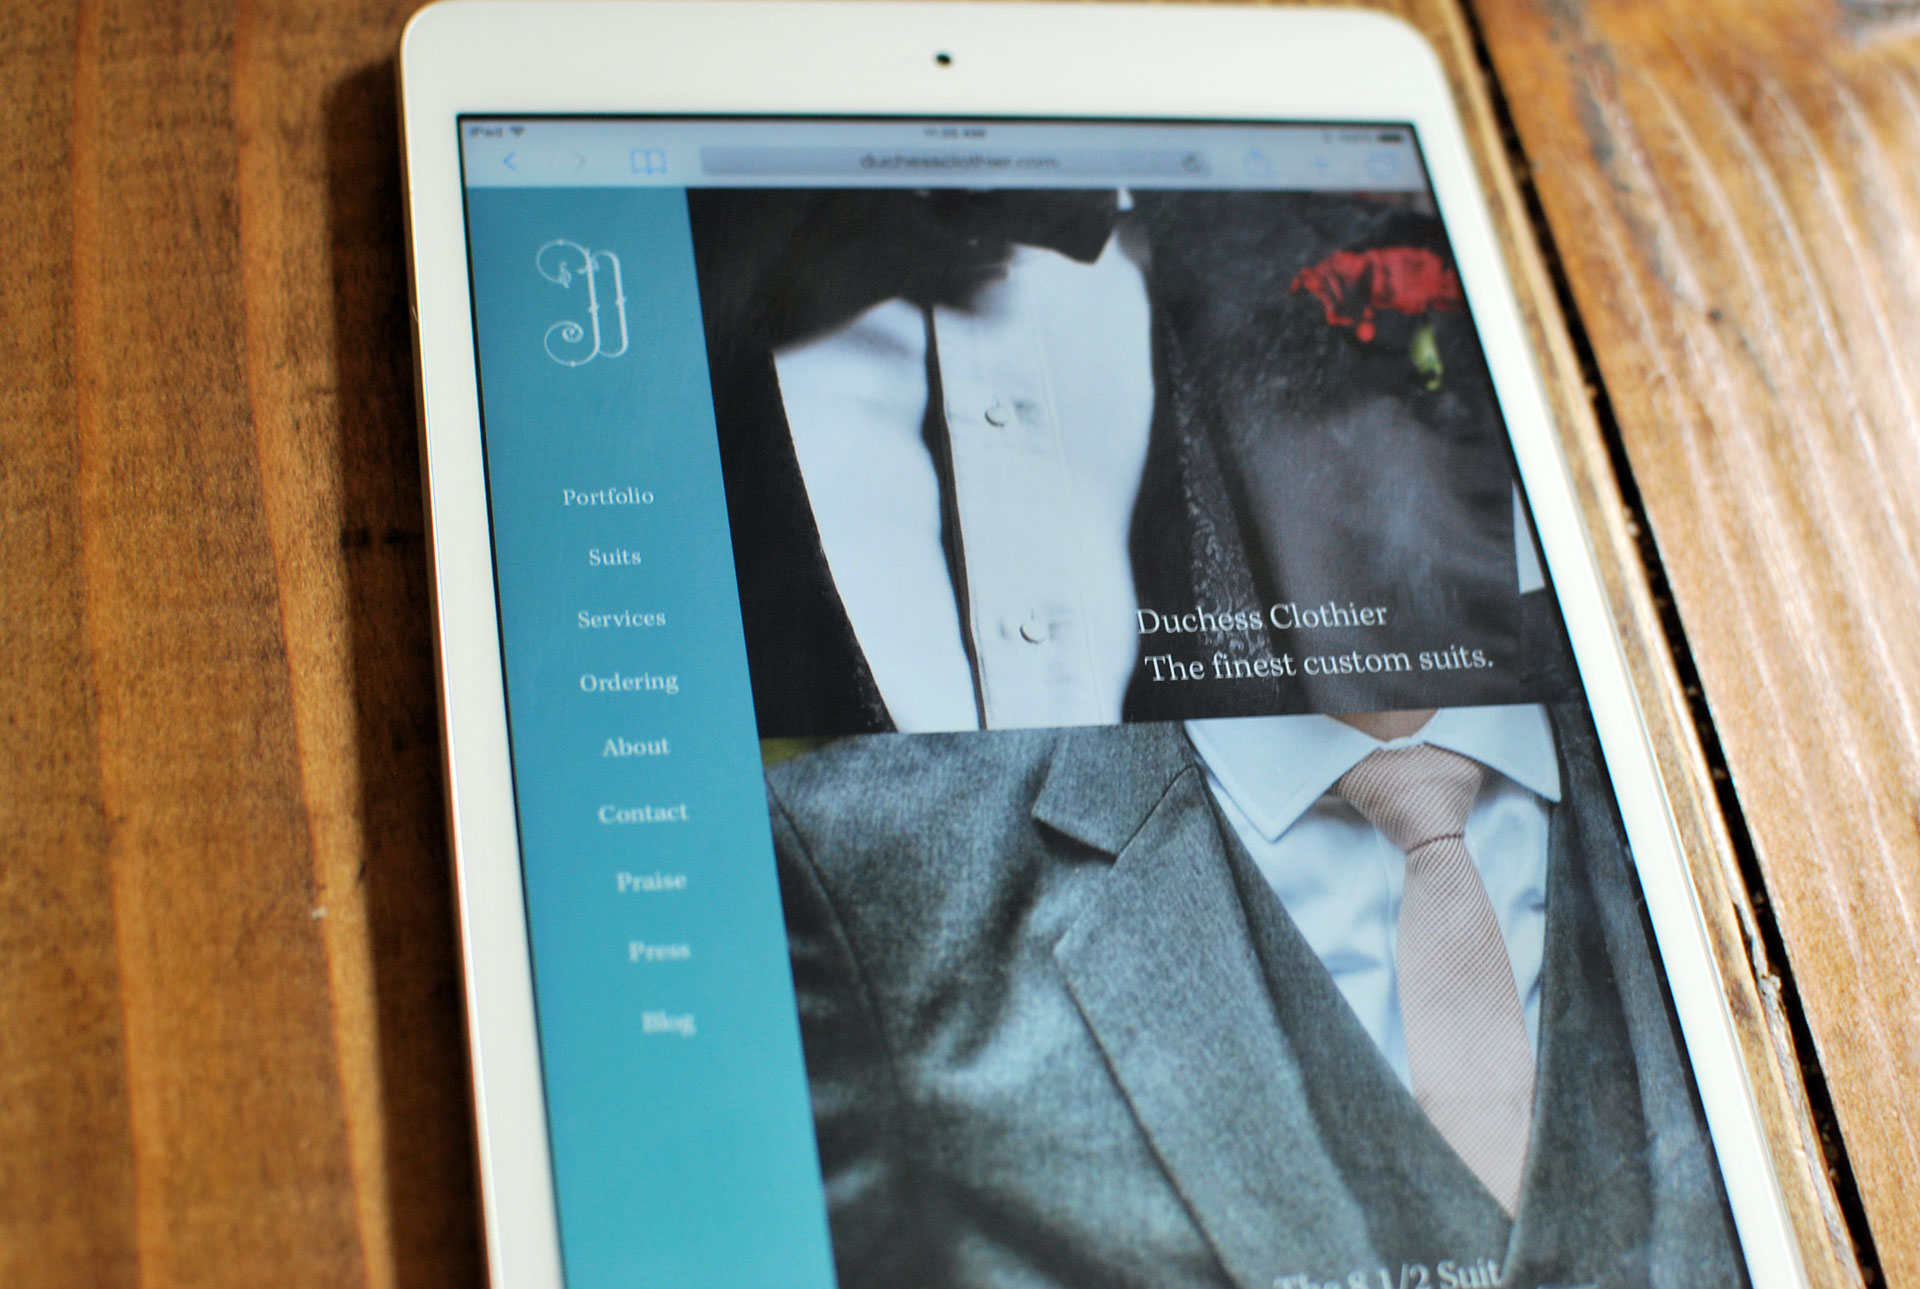 duchess-clothier-website